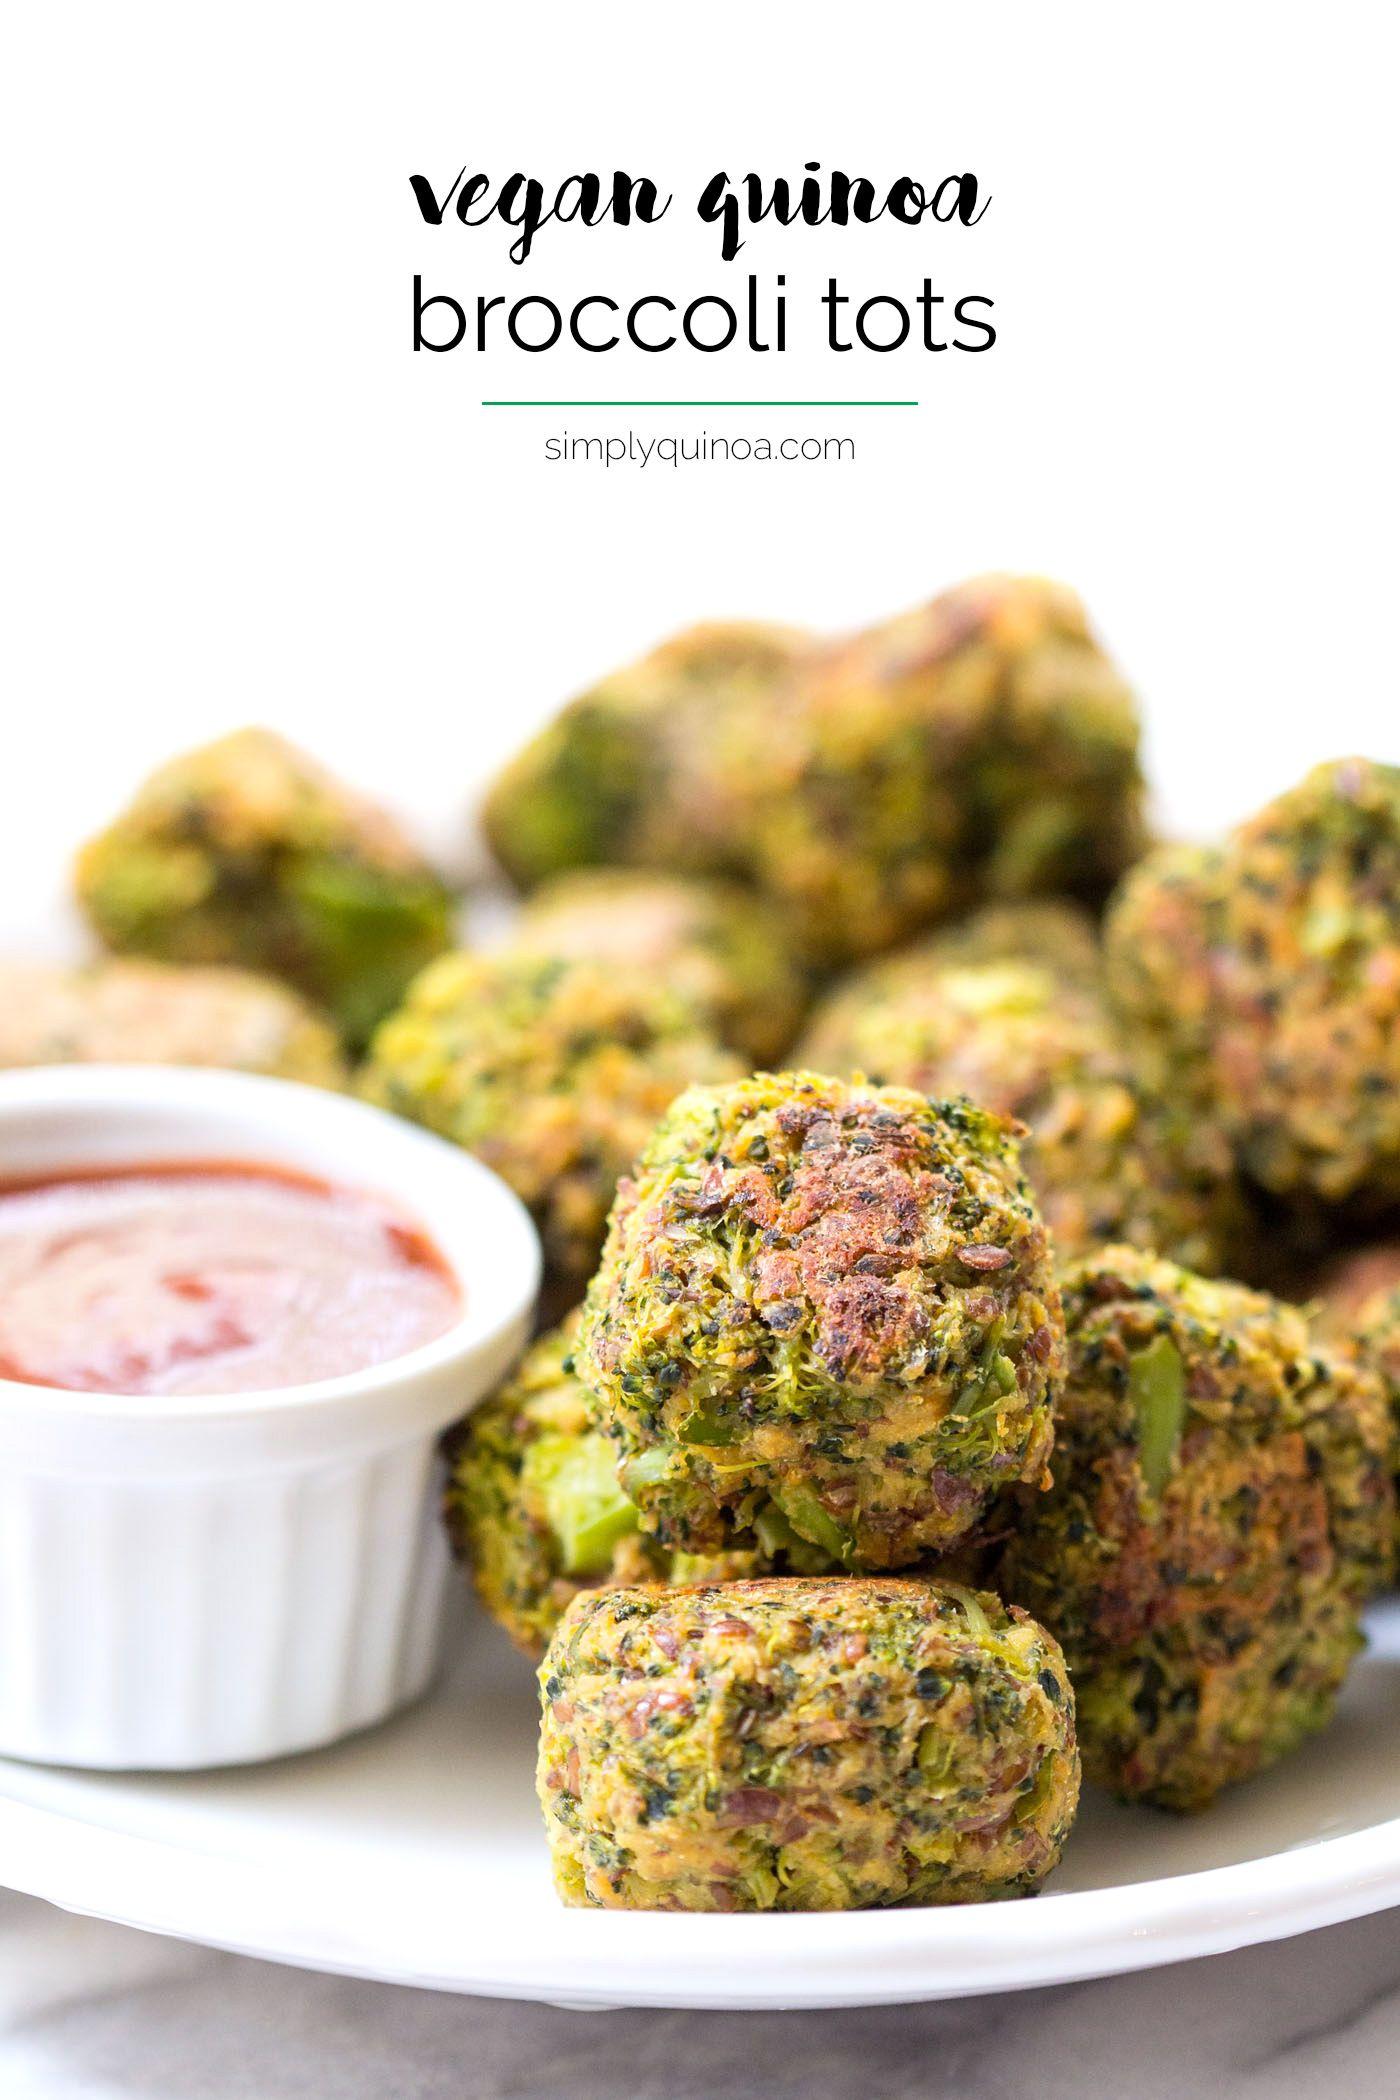 Vegan Quinoa Broccoli Tots